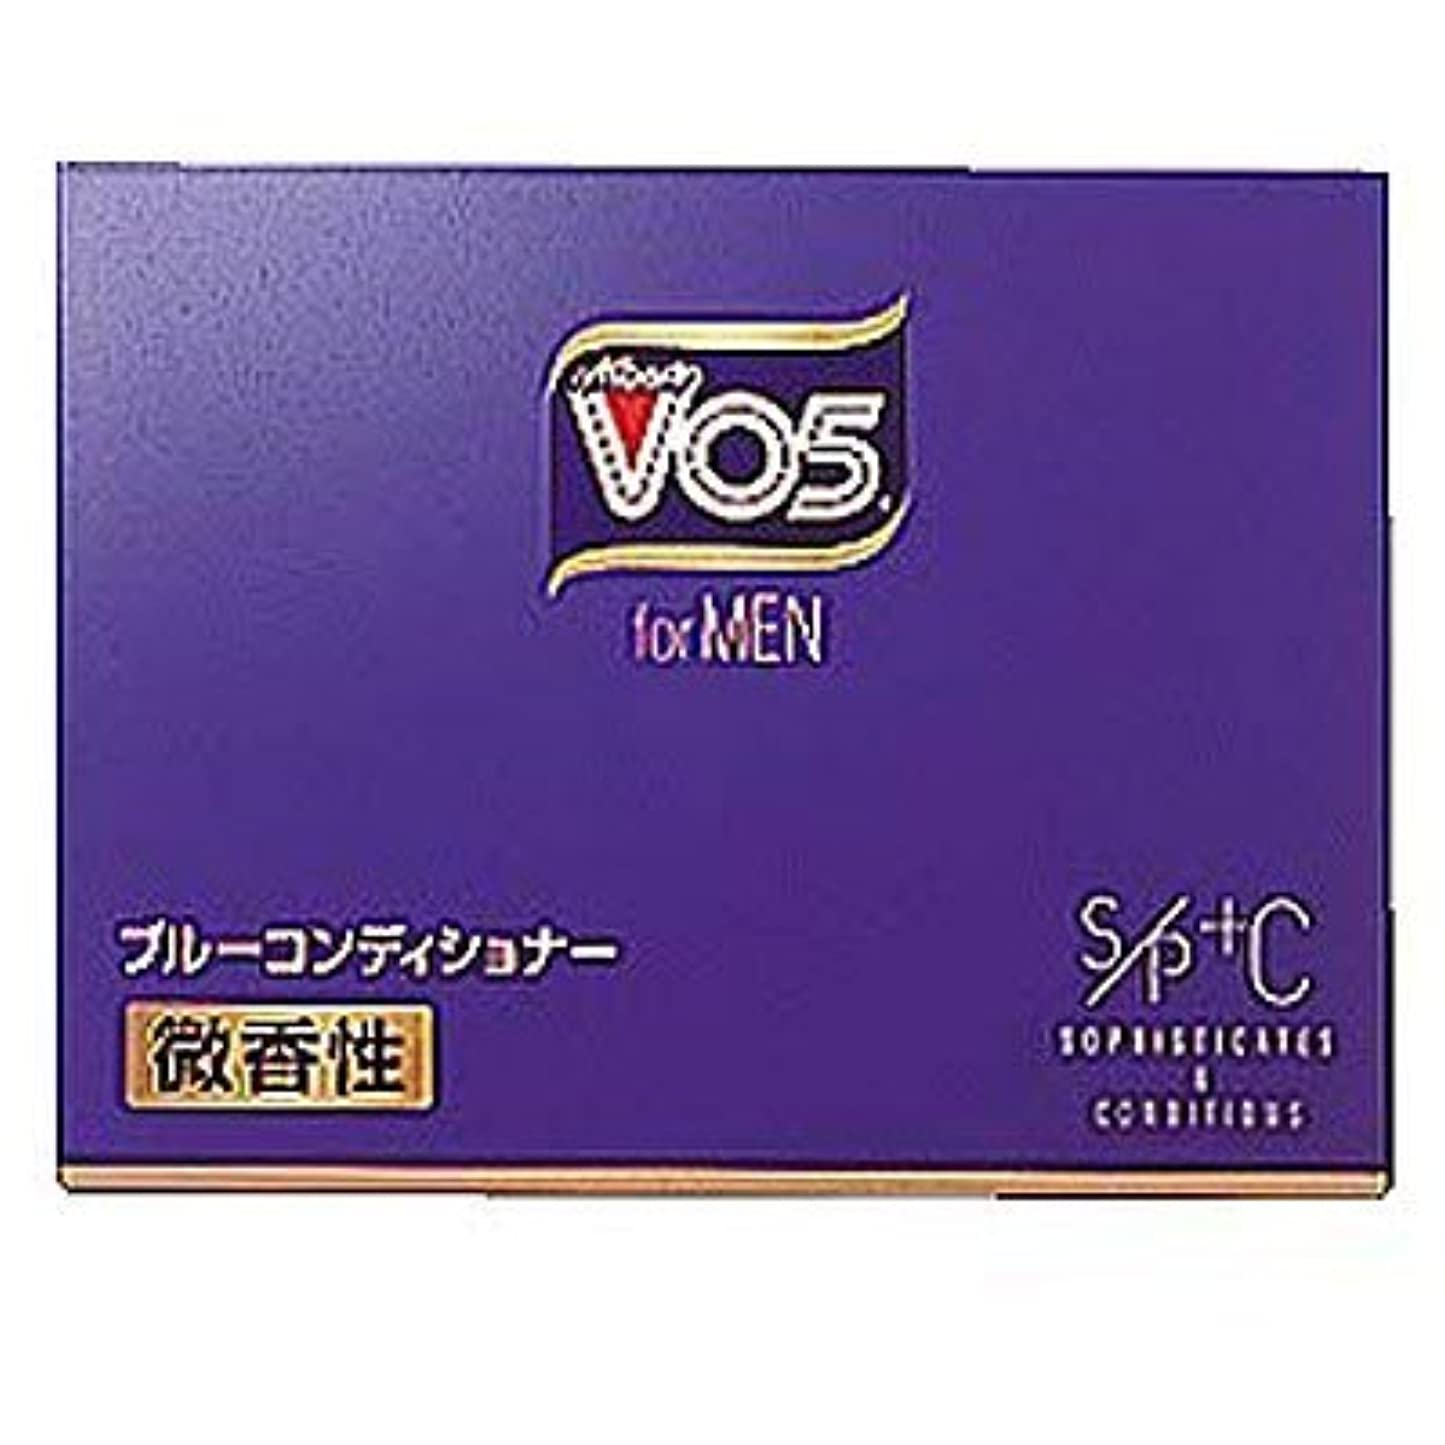 非常に偽装する市長VO5 forMEN ブルーコンディショナー 微香性 85g